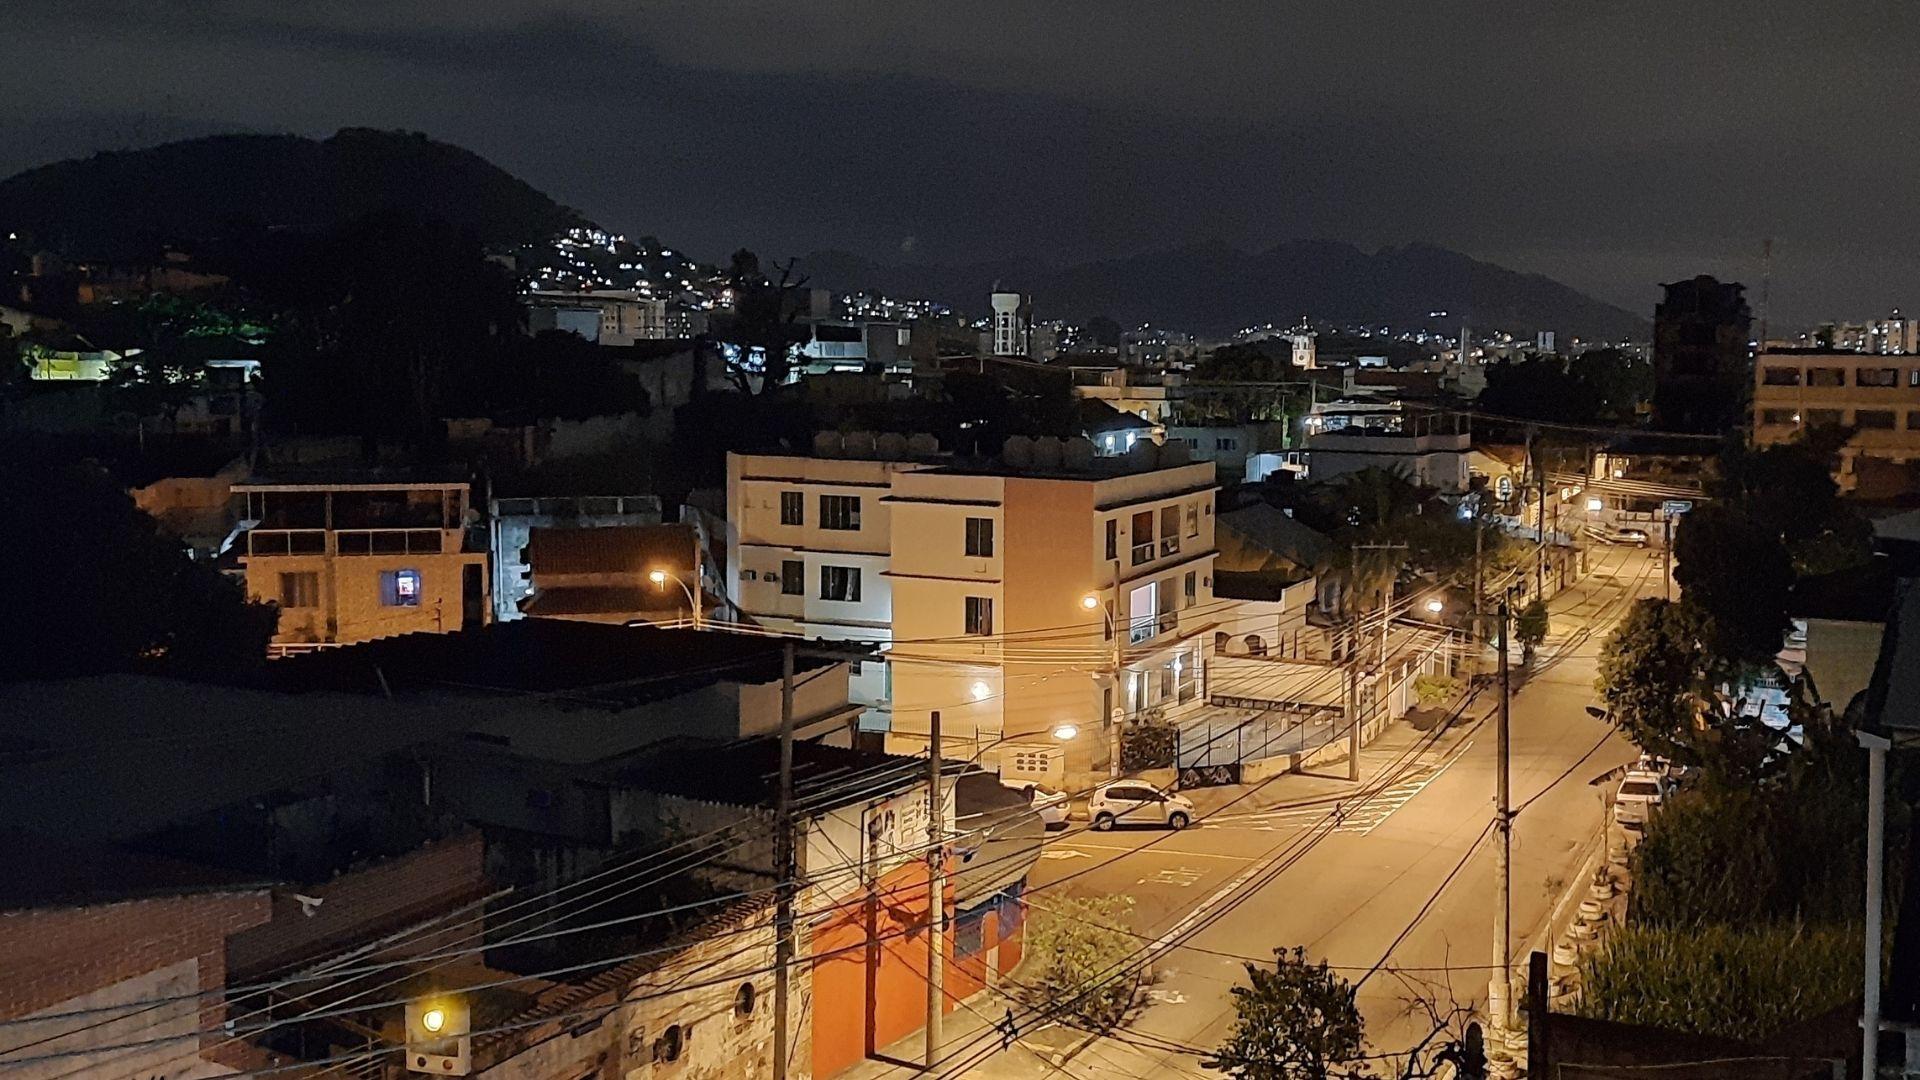 Foto noturna da rua de uma cidade com carros, casas, prédios e o céu ao fundo